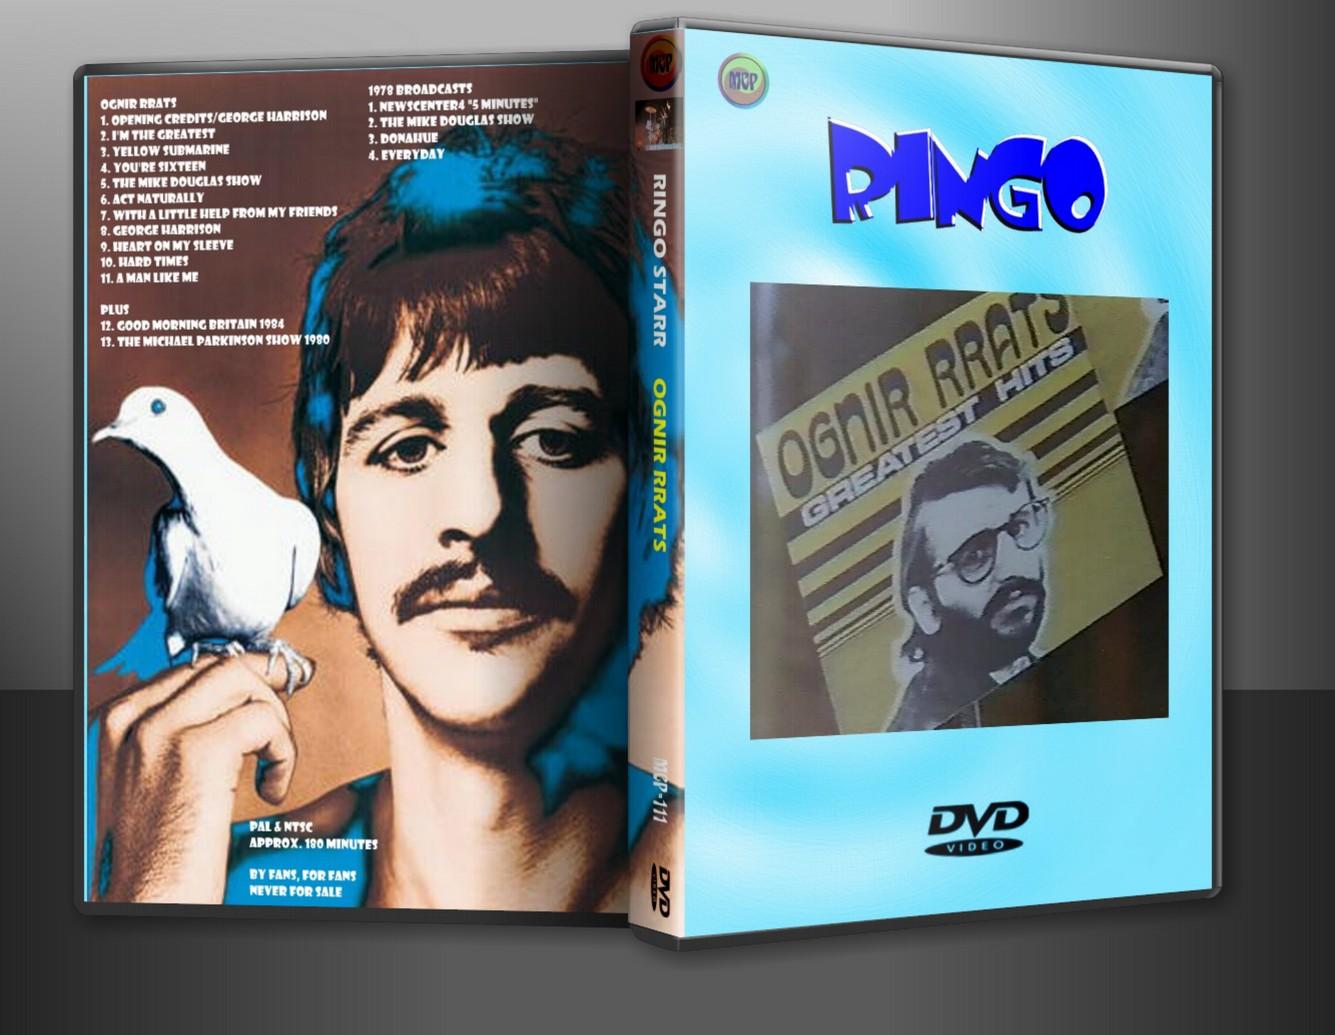 http://1.bp.blogspot.com/-LRset4oTTXo/UM8n1zrRvrI/AAAAAAAAJa8/xiNEKhEG2AA/s1600/DVD+Show+-+Ringo+Starr+-+Ognir+Rrats+TV+Special+1978.jpg